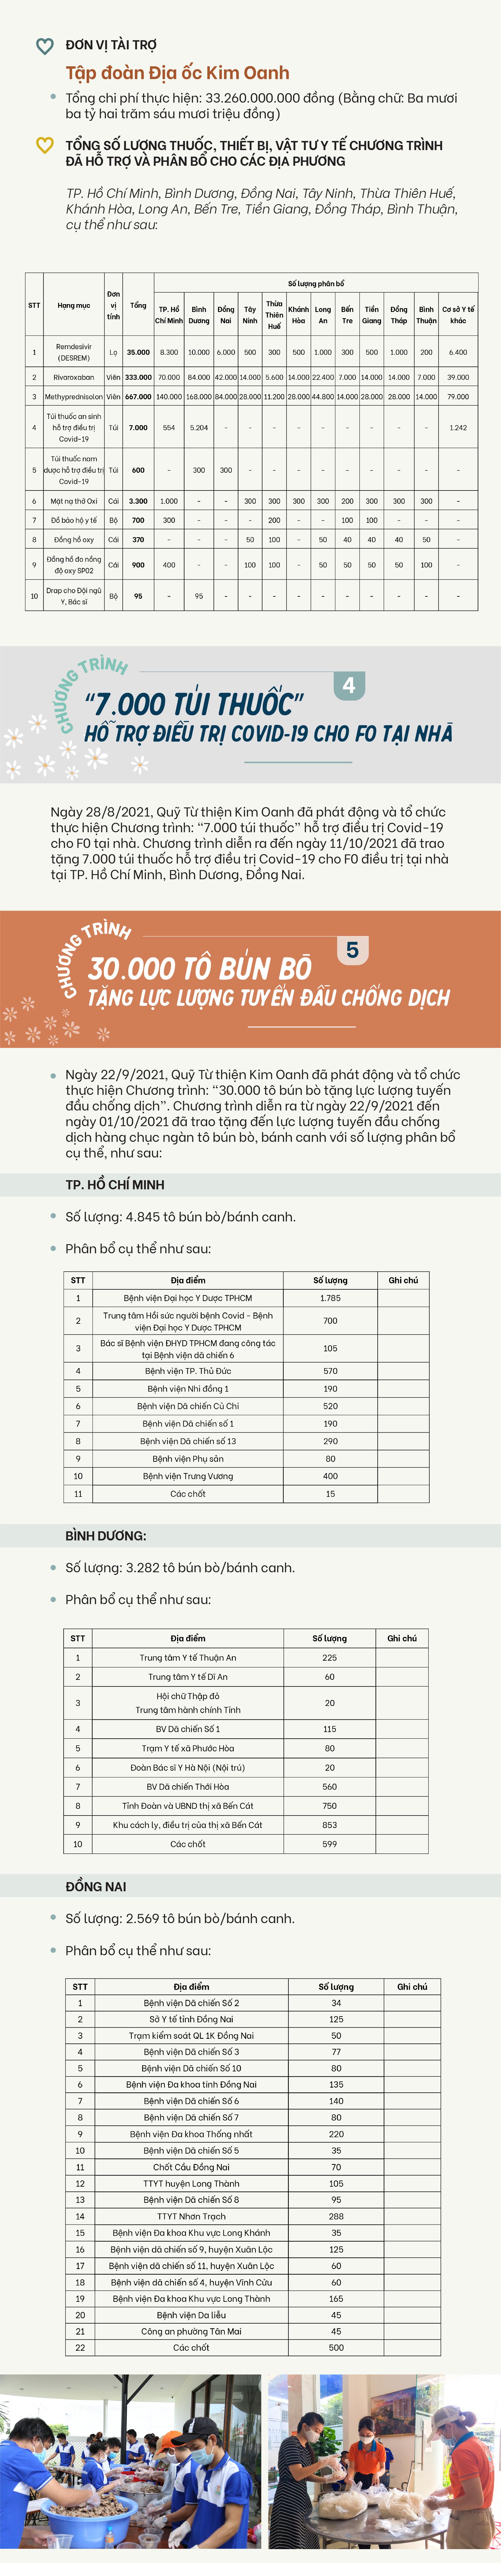 Quỹ từ thiện Kim Oanh trong cuộc chiến phòng, chống COVID-19 - ảnh 6